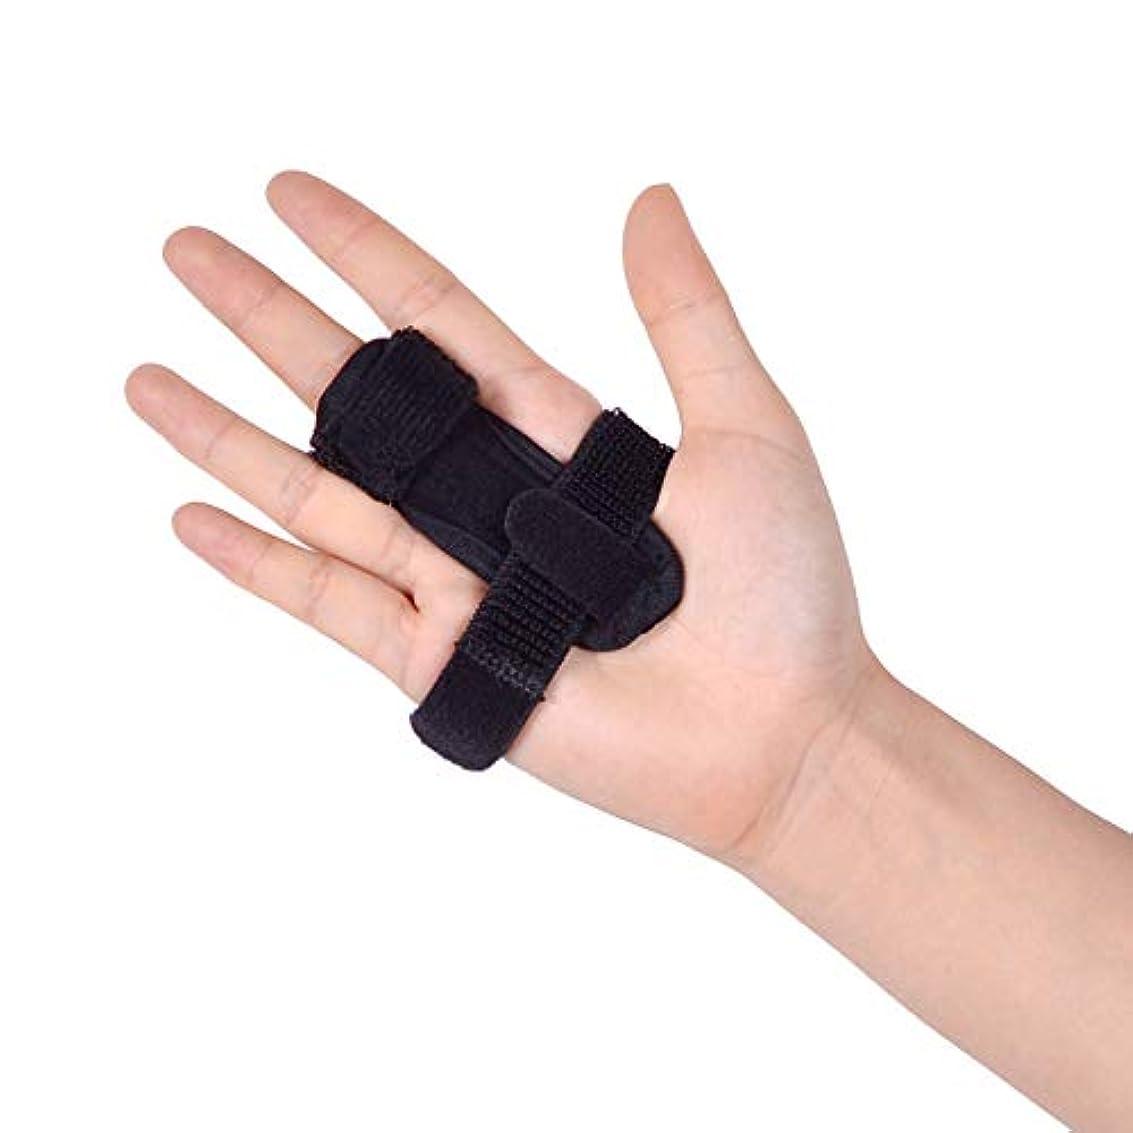 の面では盲信フラッシュのように素早く指関節炎外反母趾矯正補助伸展矯正関節炎マレットナックルブレース用剛性捻挫ナックルペインリリーフフィンガーサポートトレーニングブレース